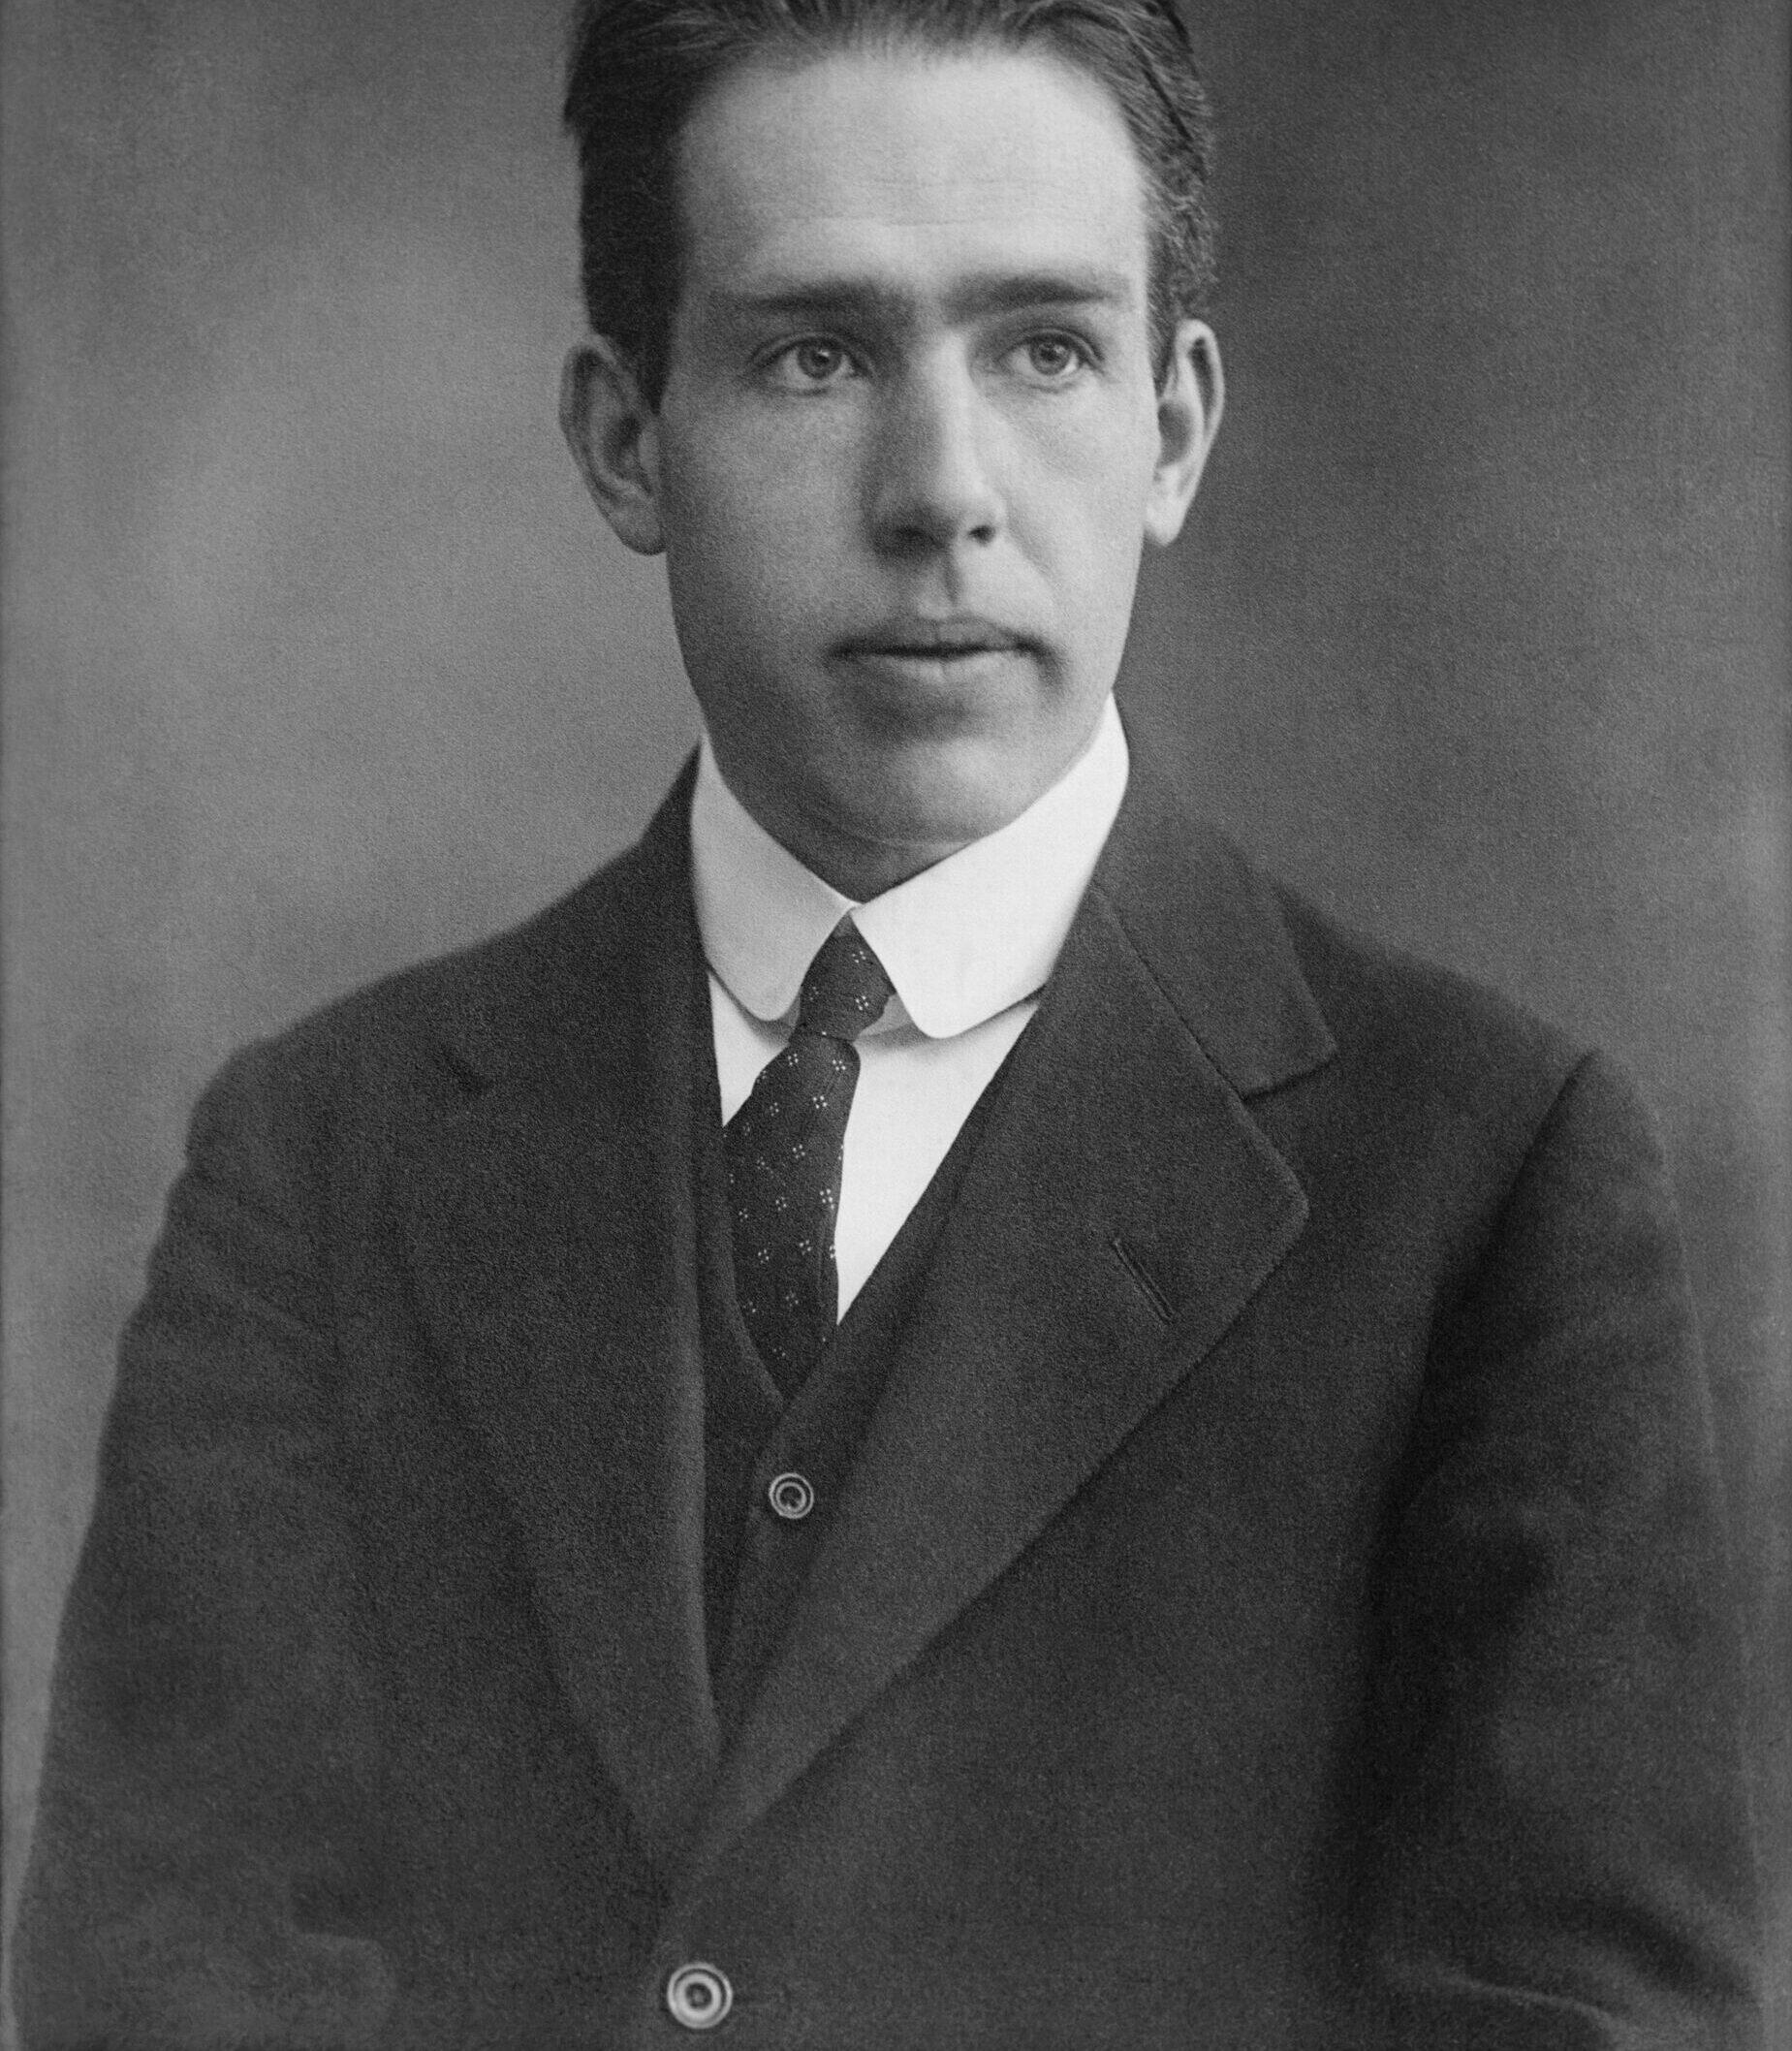 6. marts 1913: Niels Bohr deler sine tanker om atomet med Ernest Rutherford